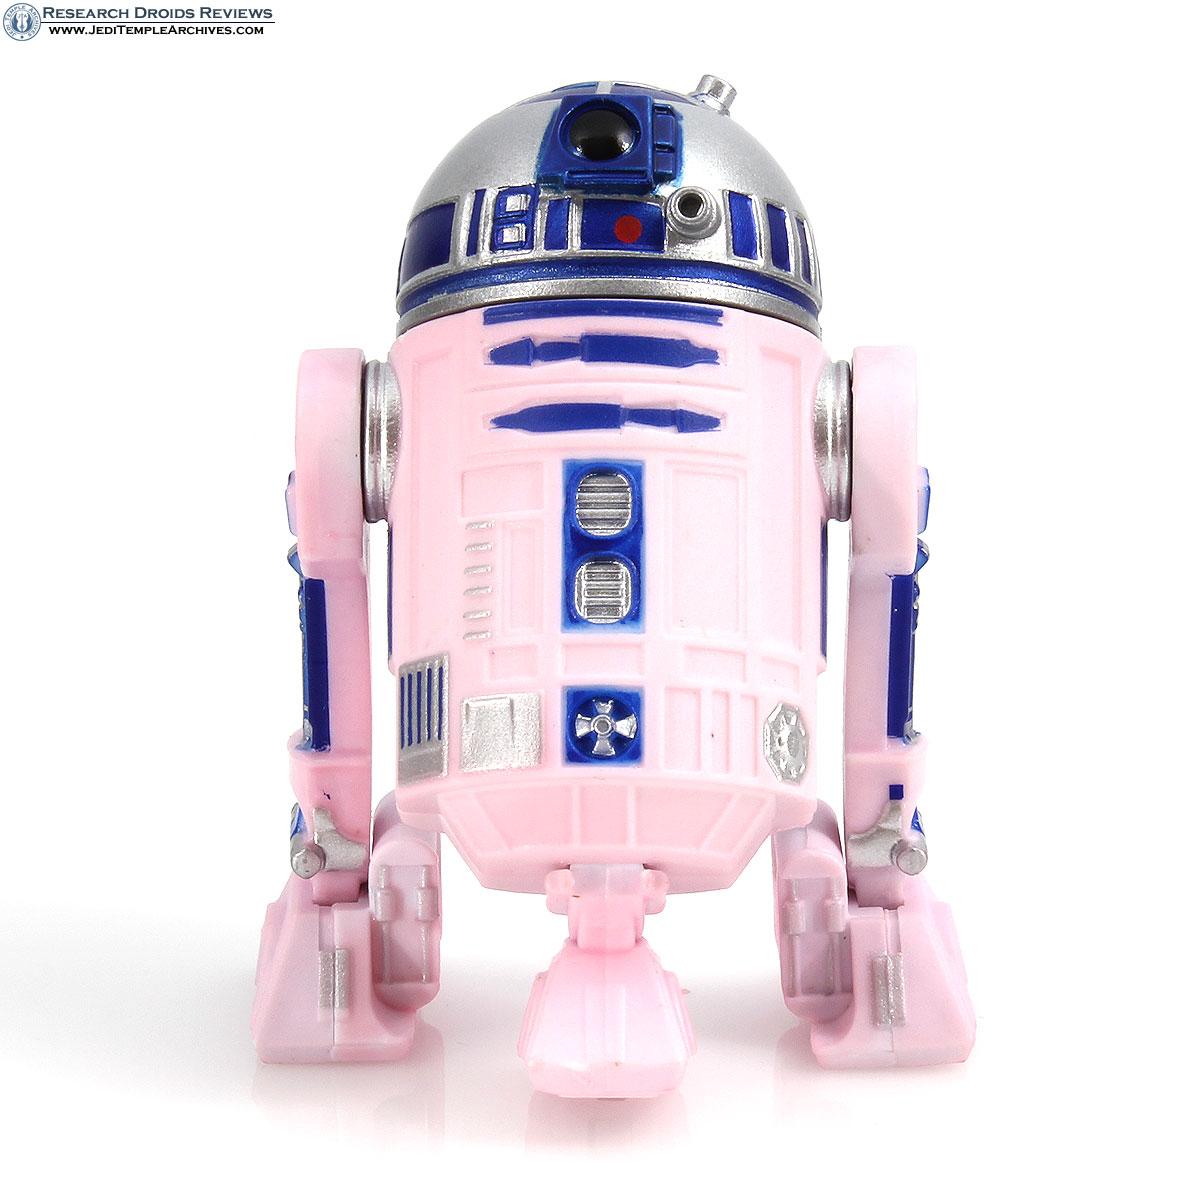 Color Changing R2 Unit | Color Changing Droids 2